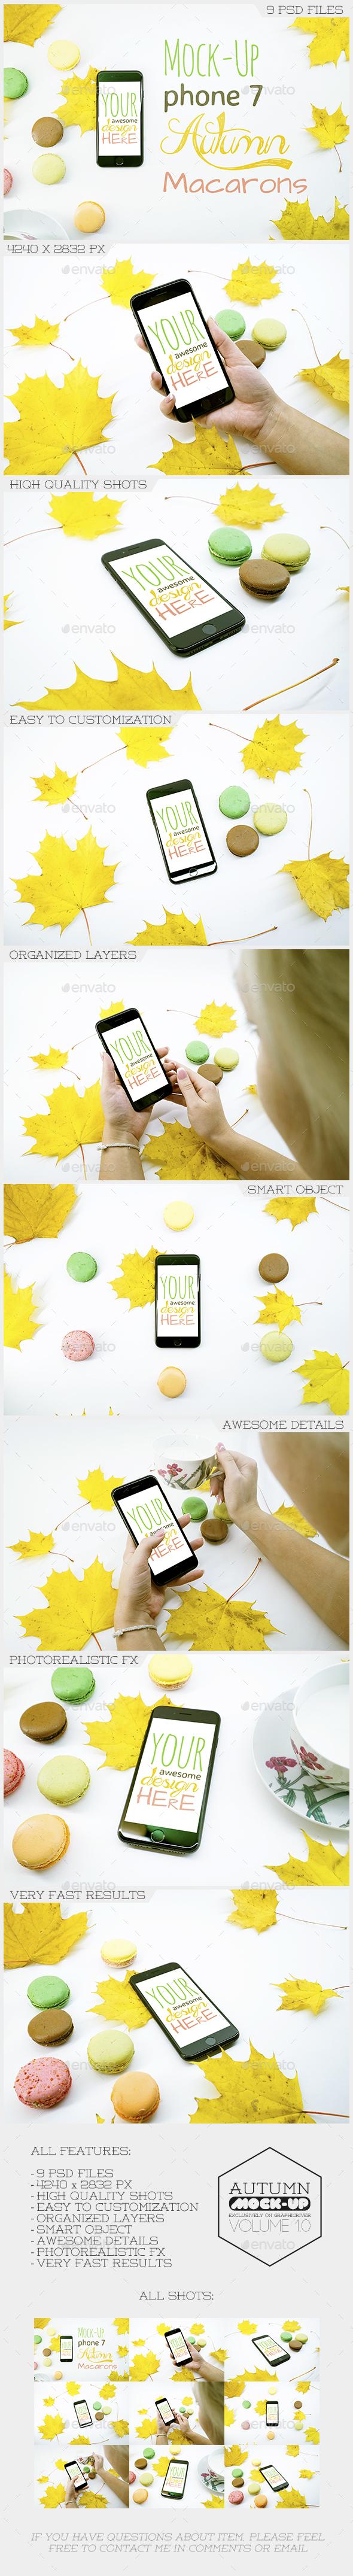 Mock-Up Phone 7 Autumn Macarons - Mobile Displays